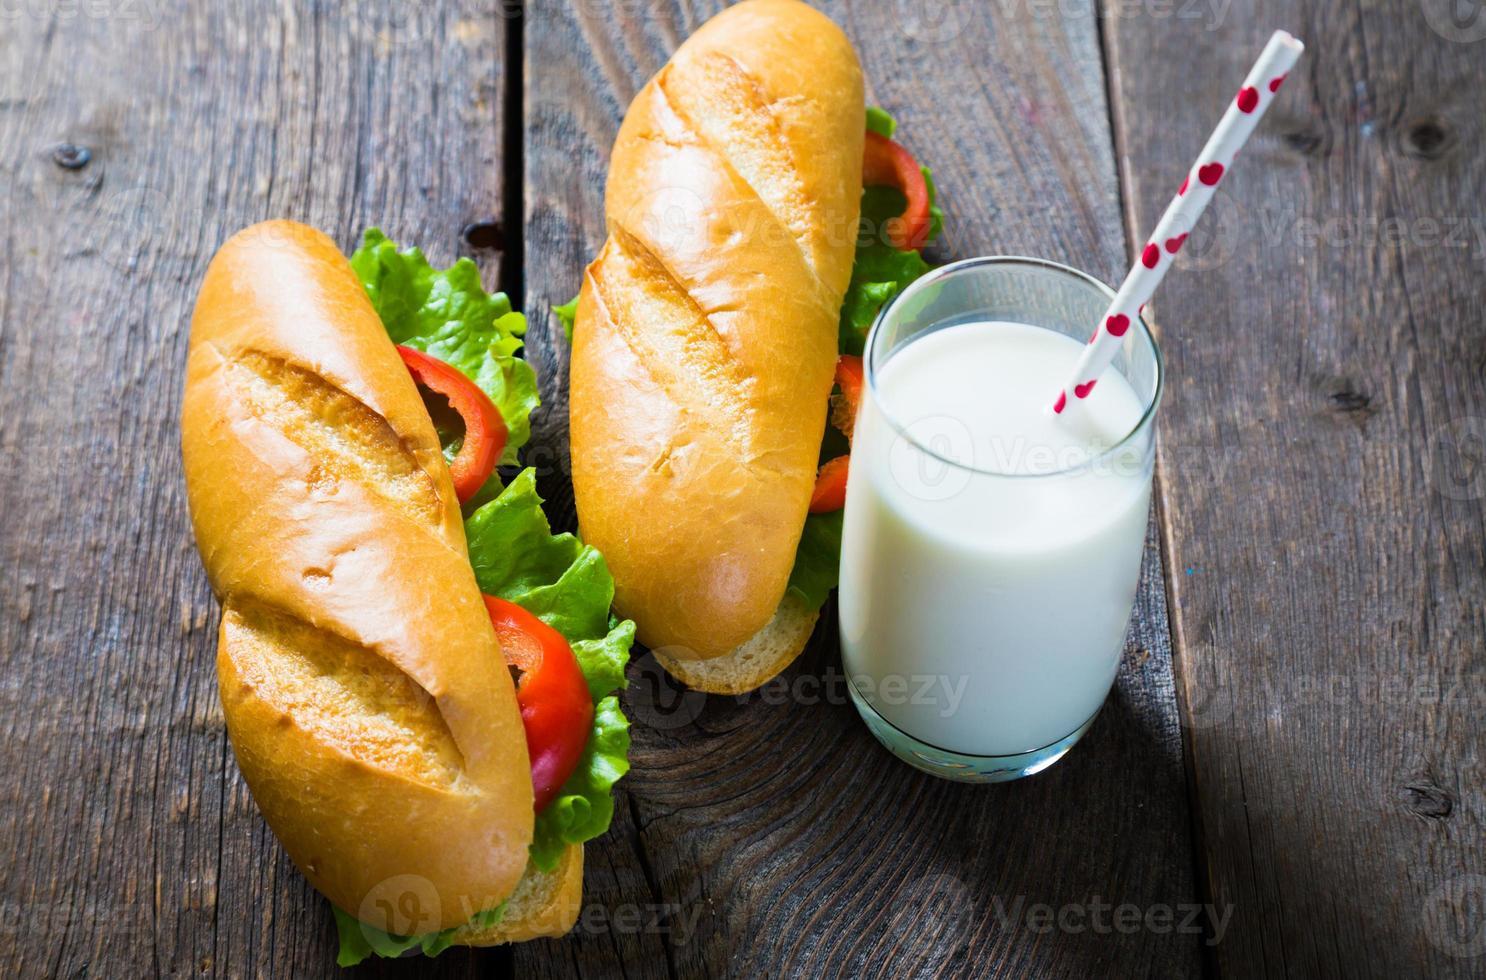 sandwichs et lait photo